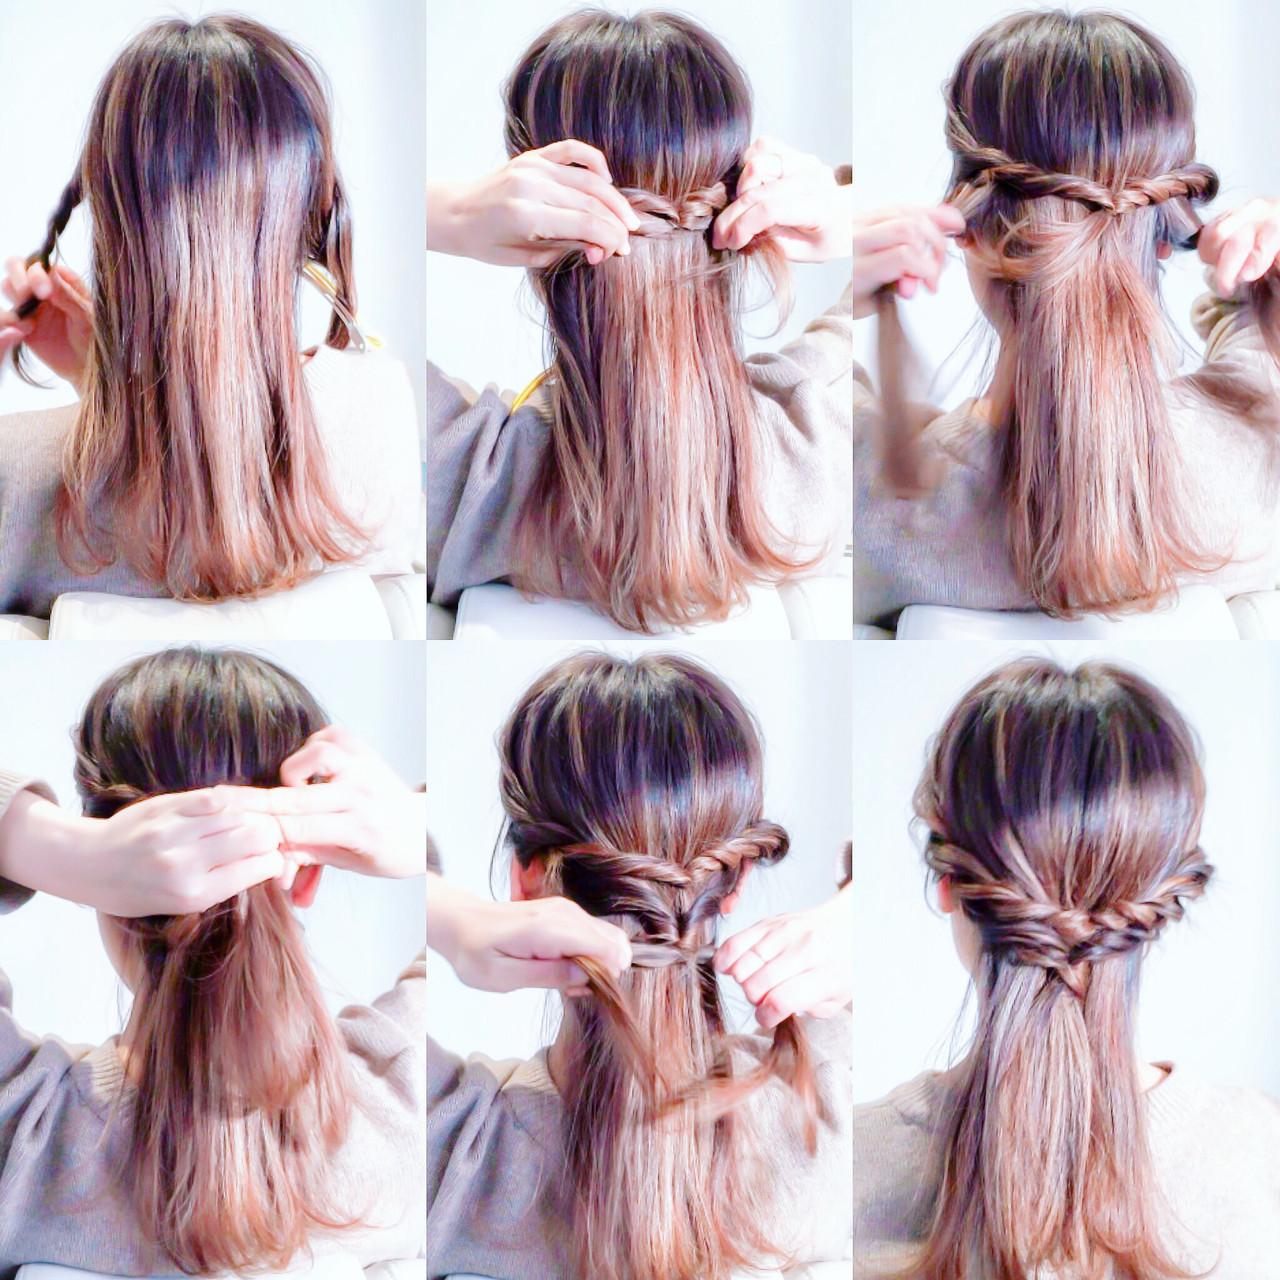 巻かないでOK!時短のストレートヘアアレンジ♡ 美容師 HIRO